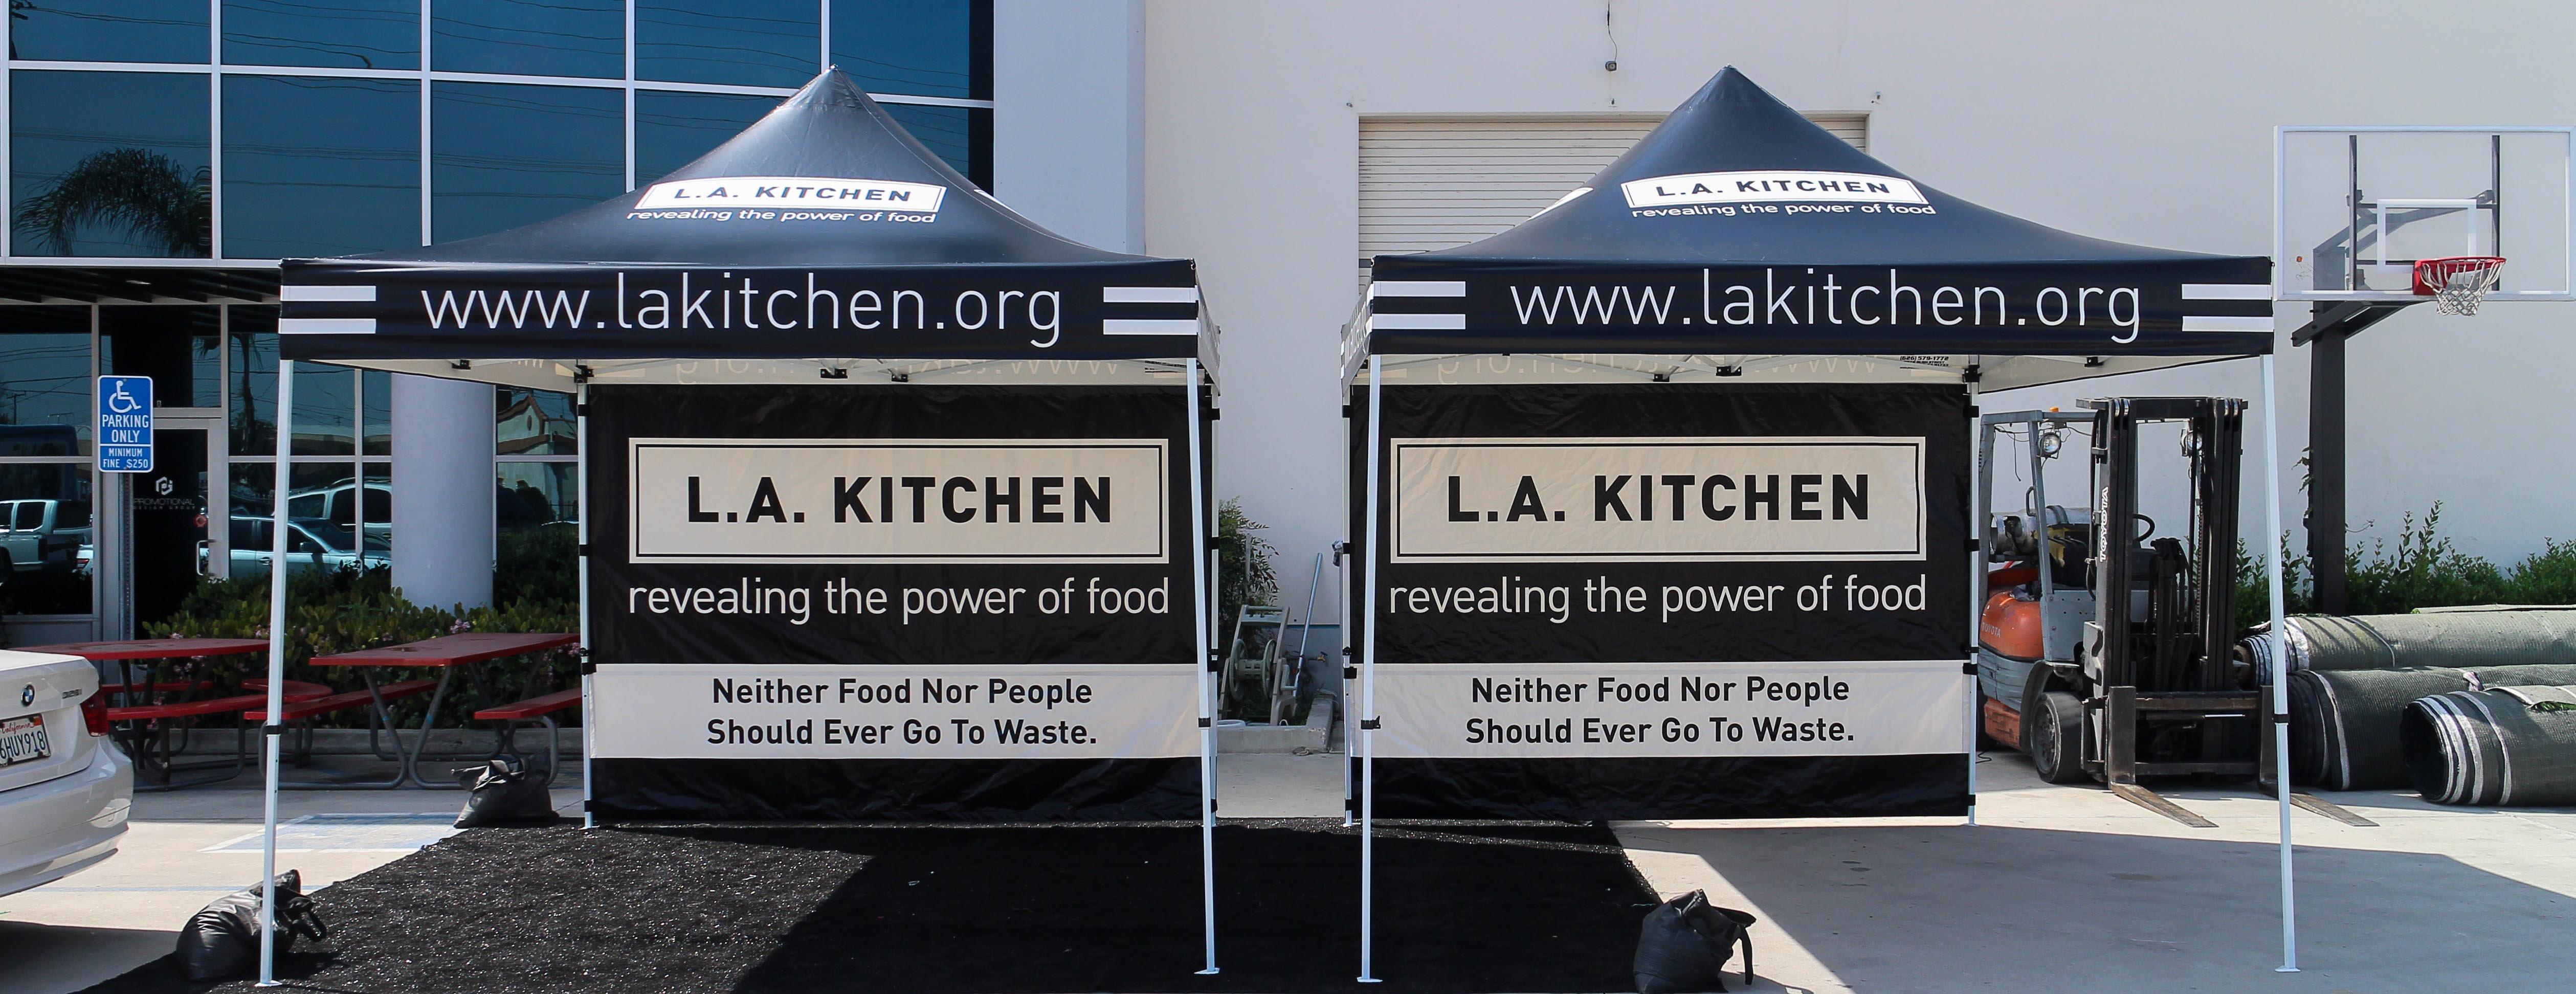 la-kitchen-header.jpg